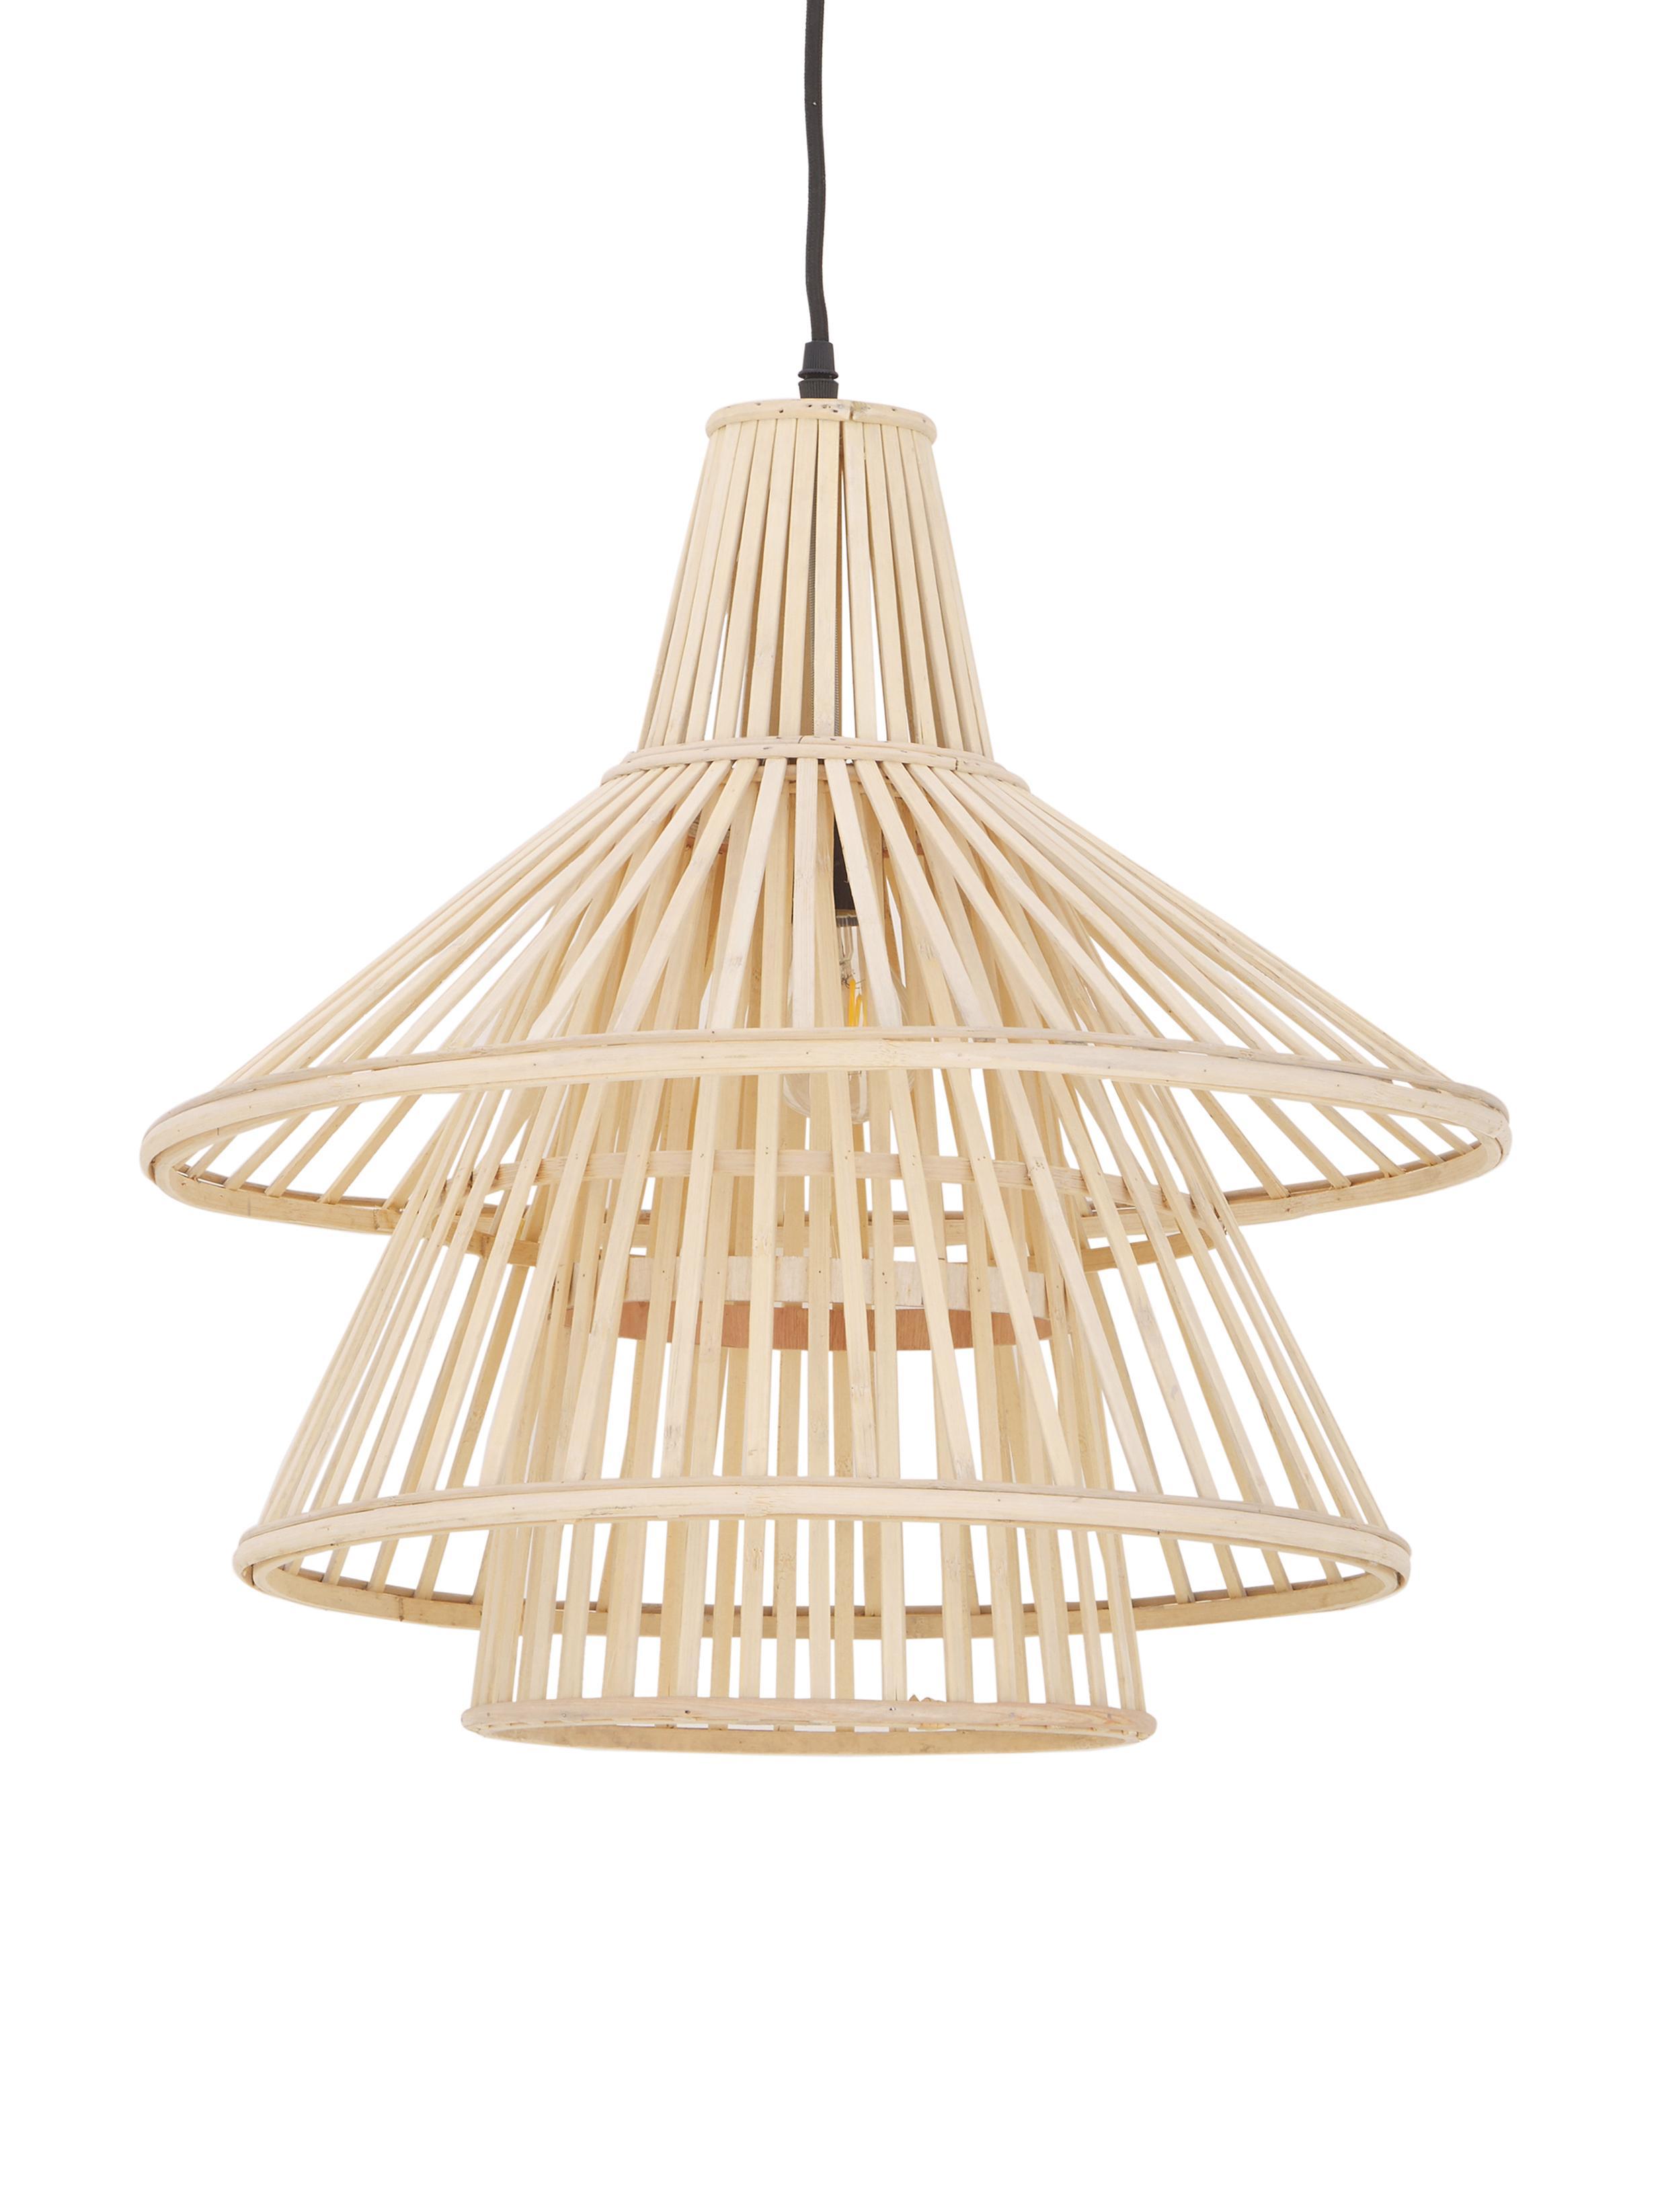 Lampa wisząca z drewna bambusowego Kamil, Beżowy, czarny, Ø 48 x W 51 cm